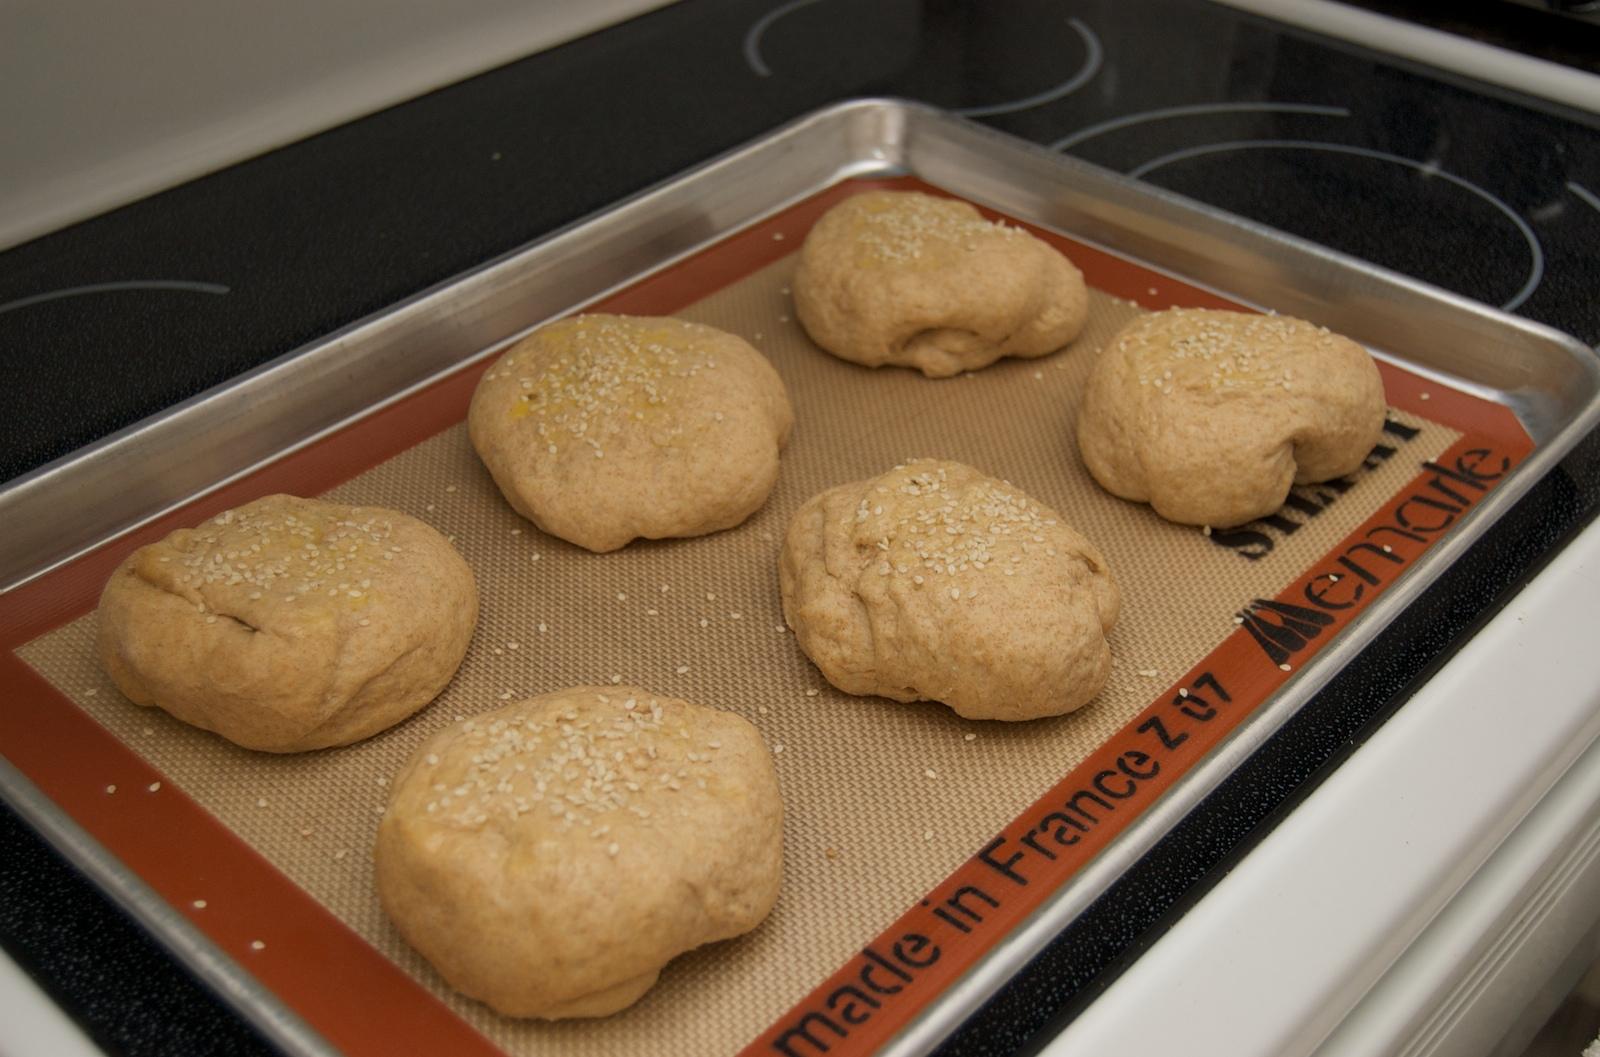 http://blog.rickk.com/food/2010/02/02/DSC_0017.jpg